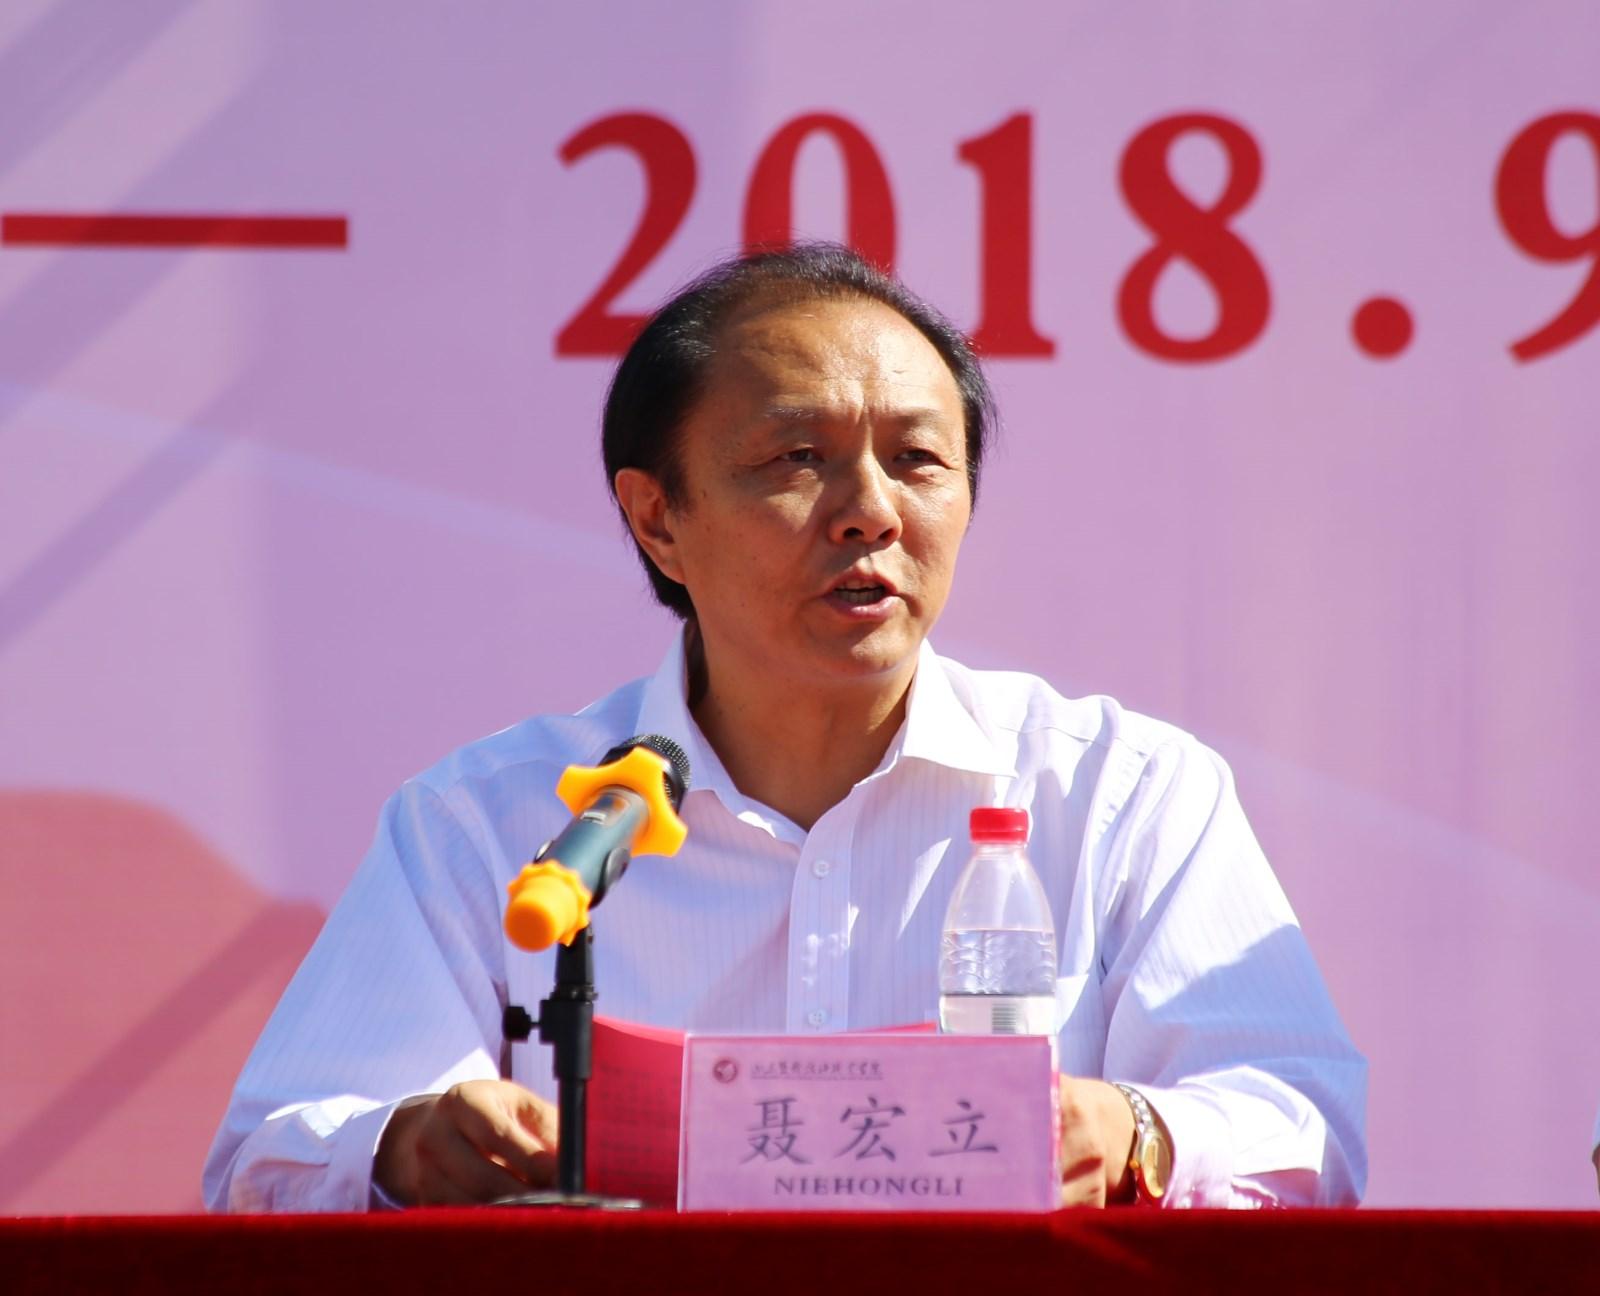 聂鸿立院长在2018-2019学年开学典礼上的致辞